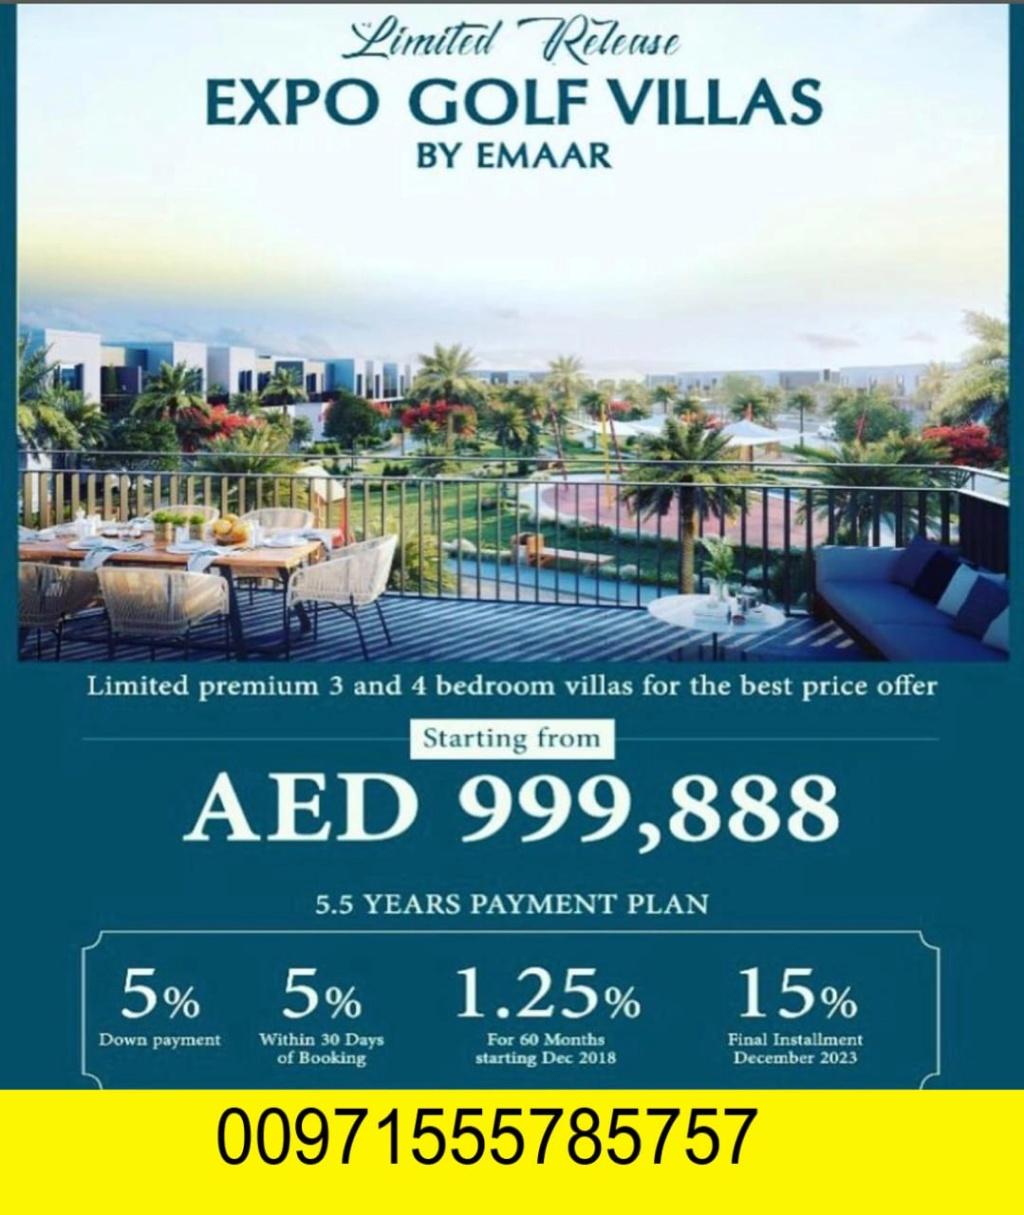 فلل للبيع في دبي بسعر مميز جدا يبدأ السعر من 999,888 درهم فقط  Img_8310